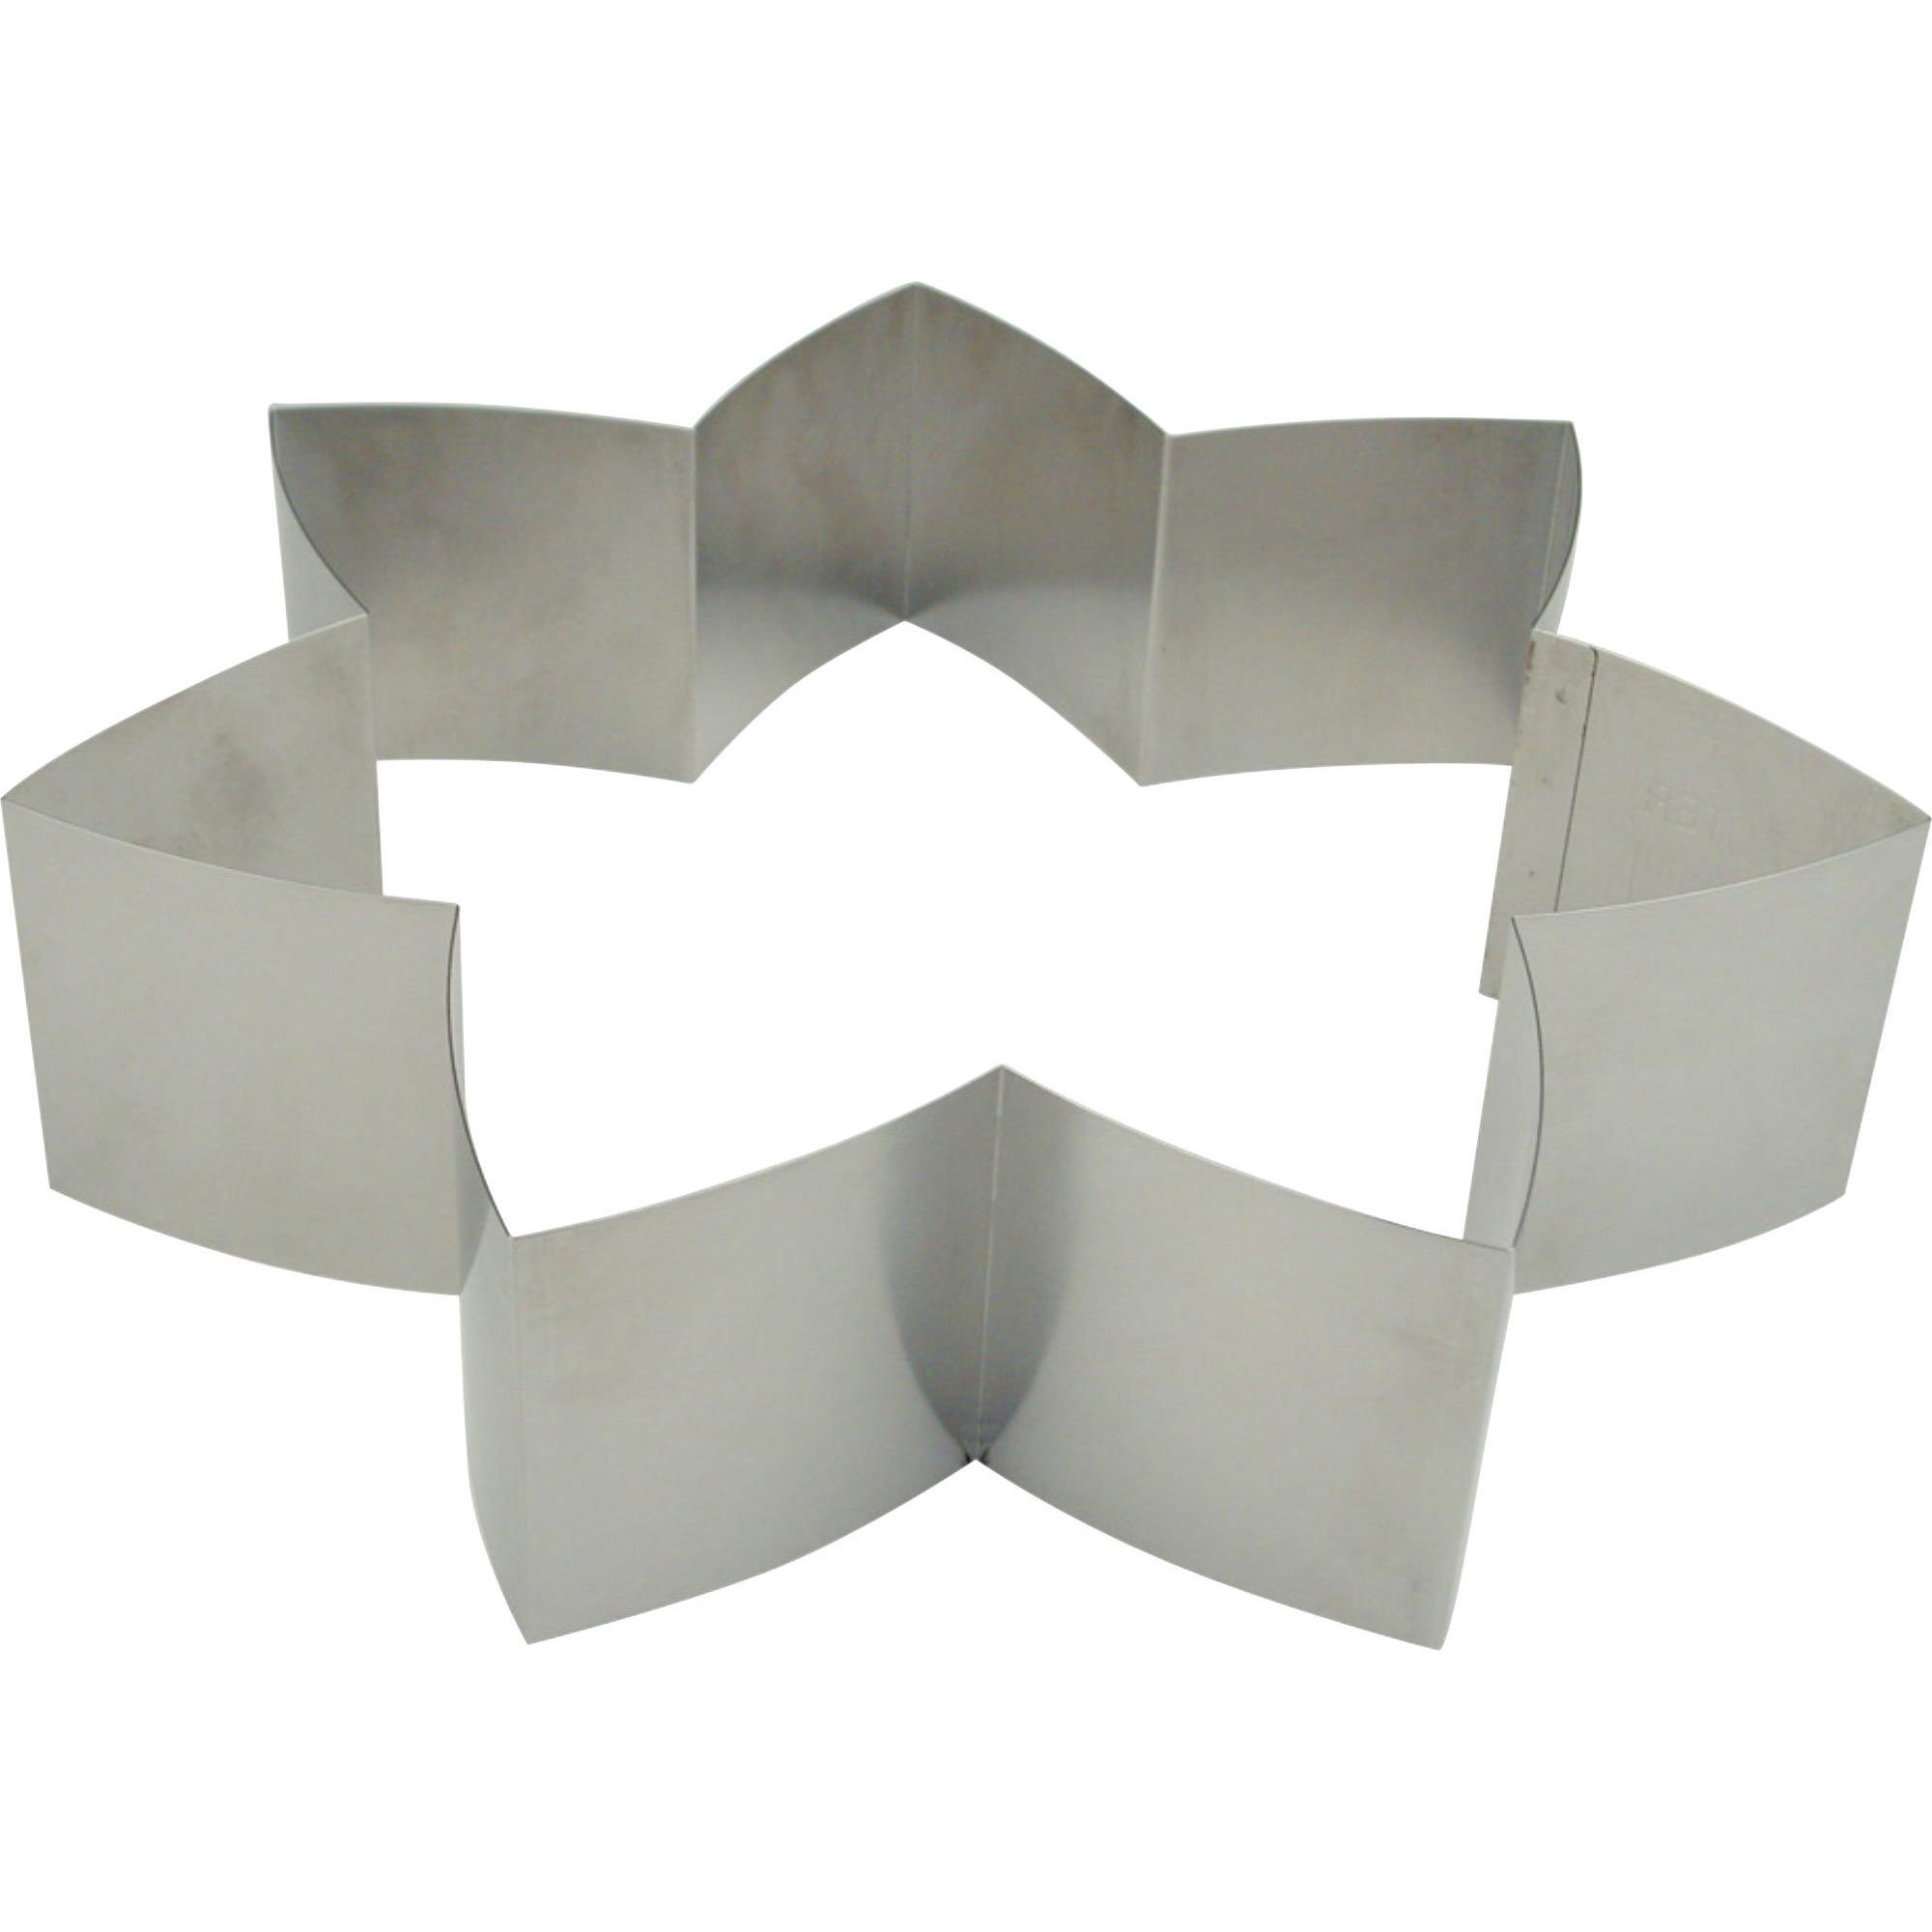 Städter Kakram Rostfritt Stål 27 cmNonstick Aluminium 24 x 10 x 75 cm